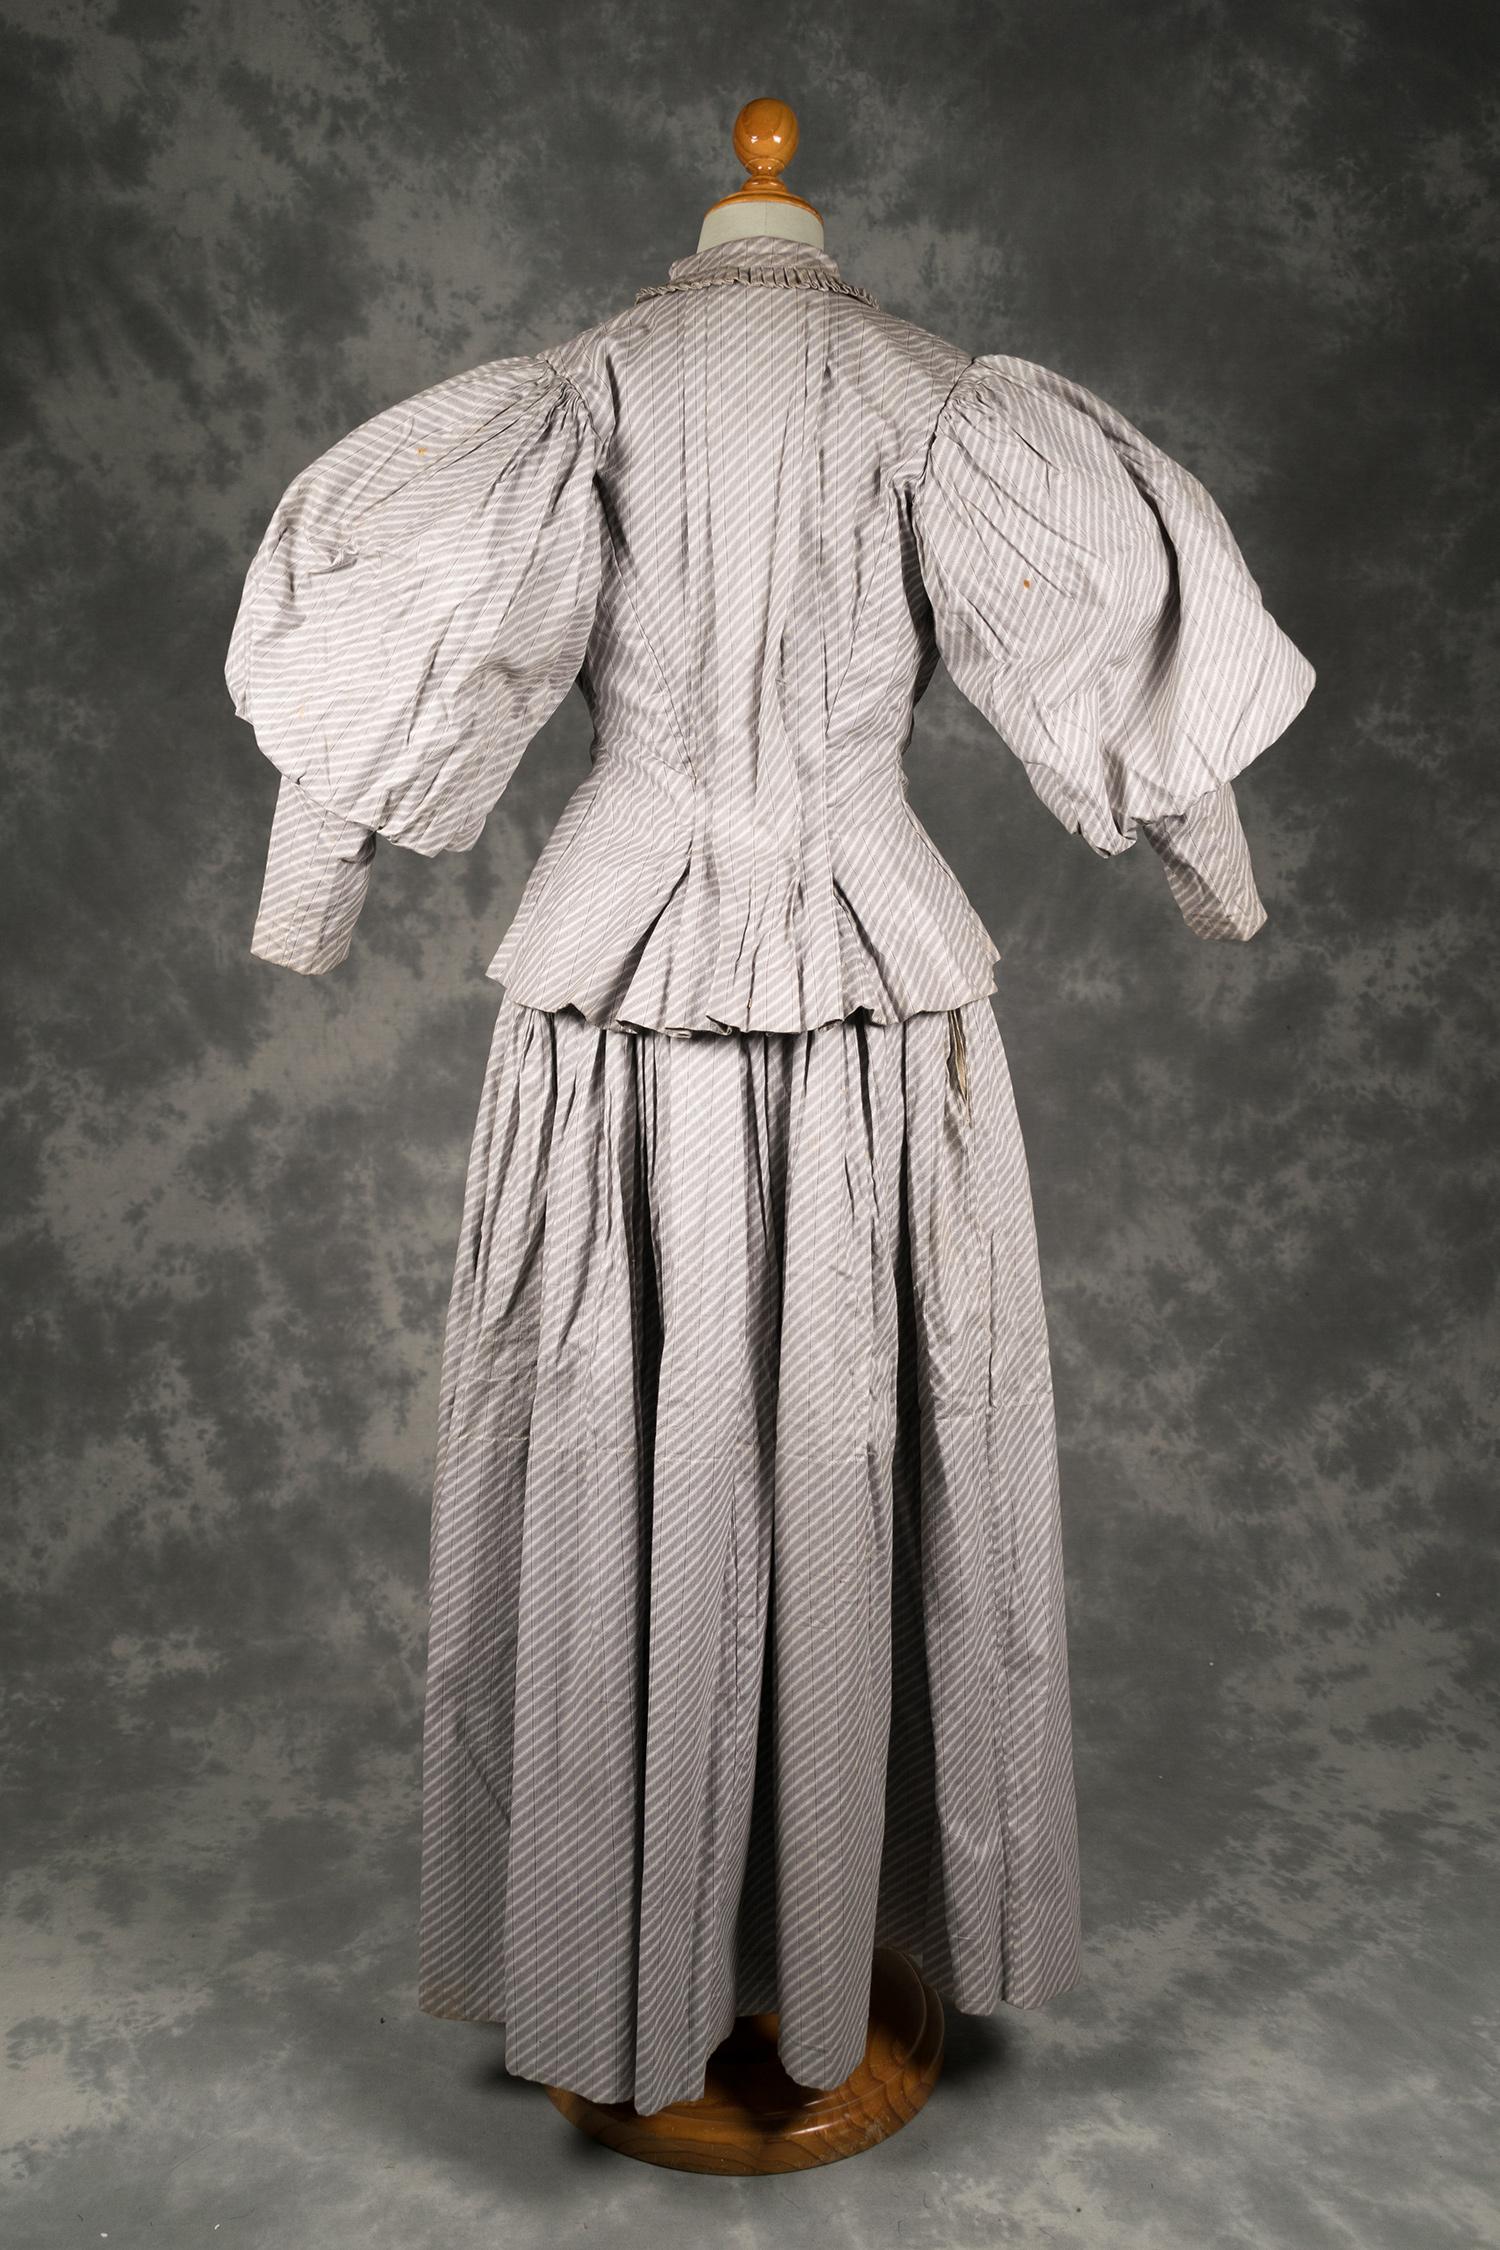 De Conjunto Blancas Falda Grises Catalunya Virtual Algodón Cuerpo Moda La A Rayas Y Museu 1dwAdr